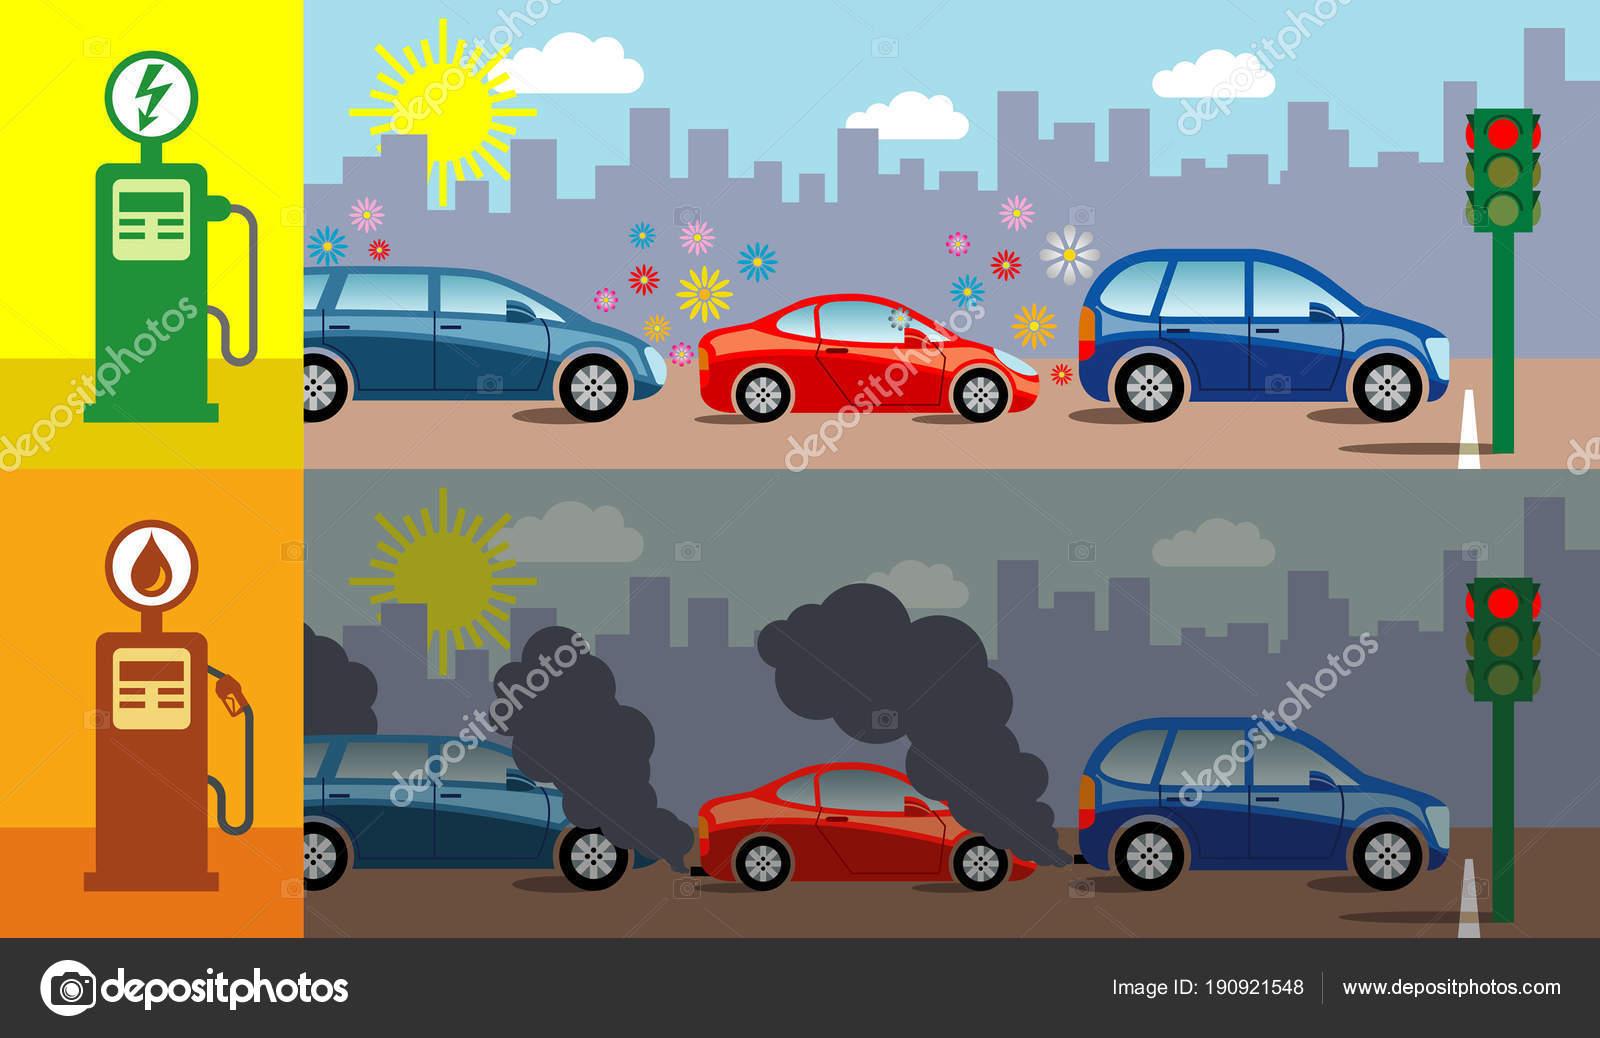 Voordelen Van Elektrische Auto Poster Stockvector C Rob3000 190921548